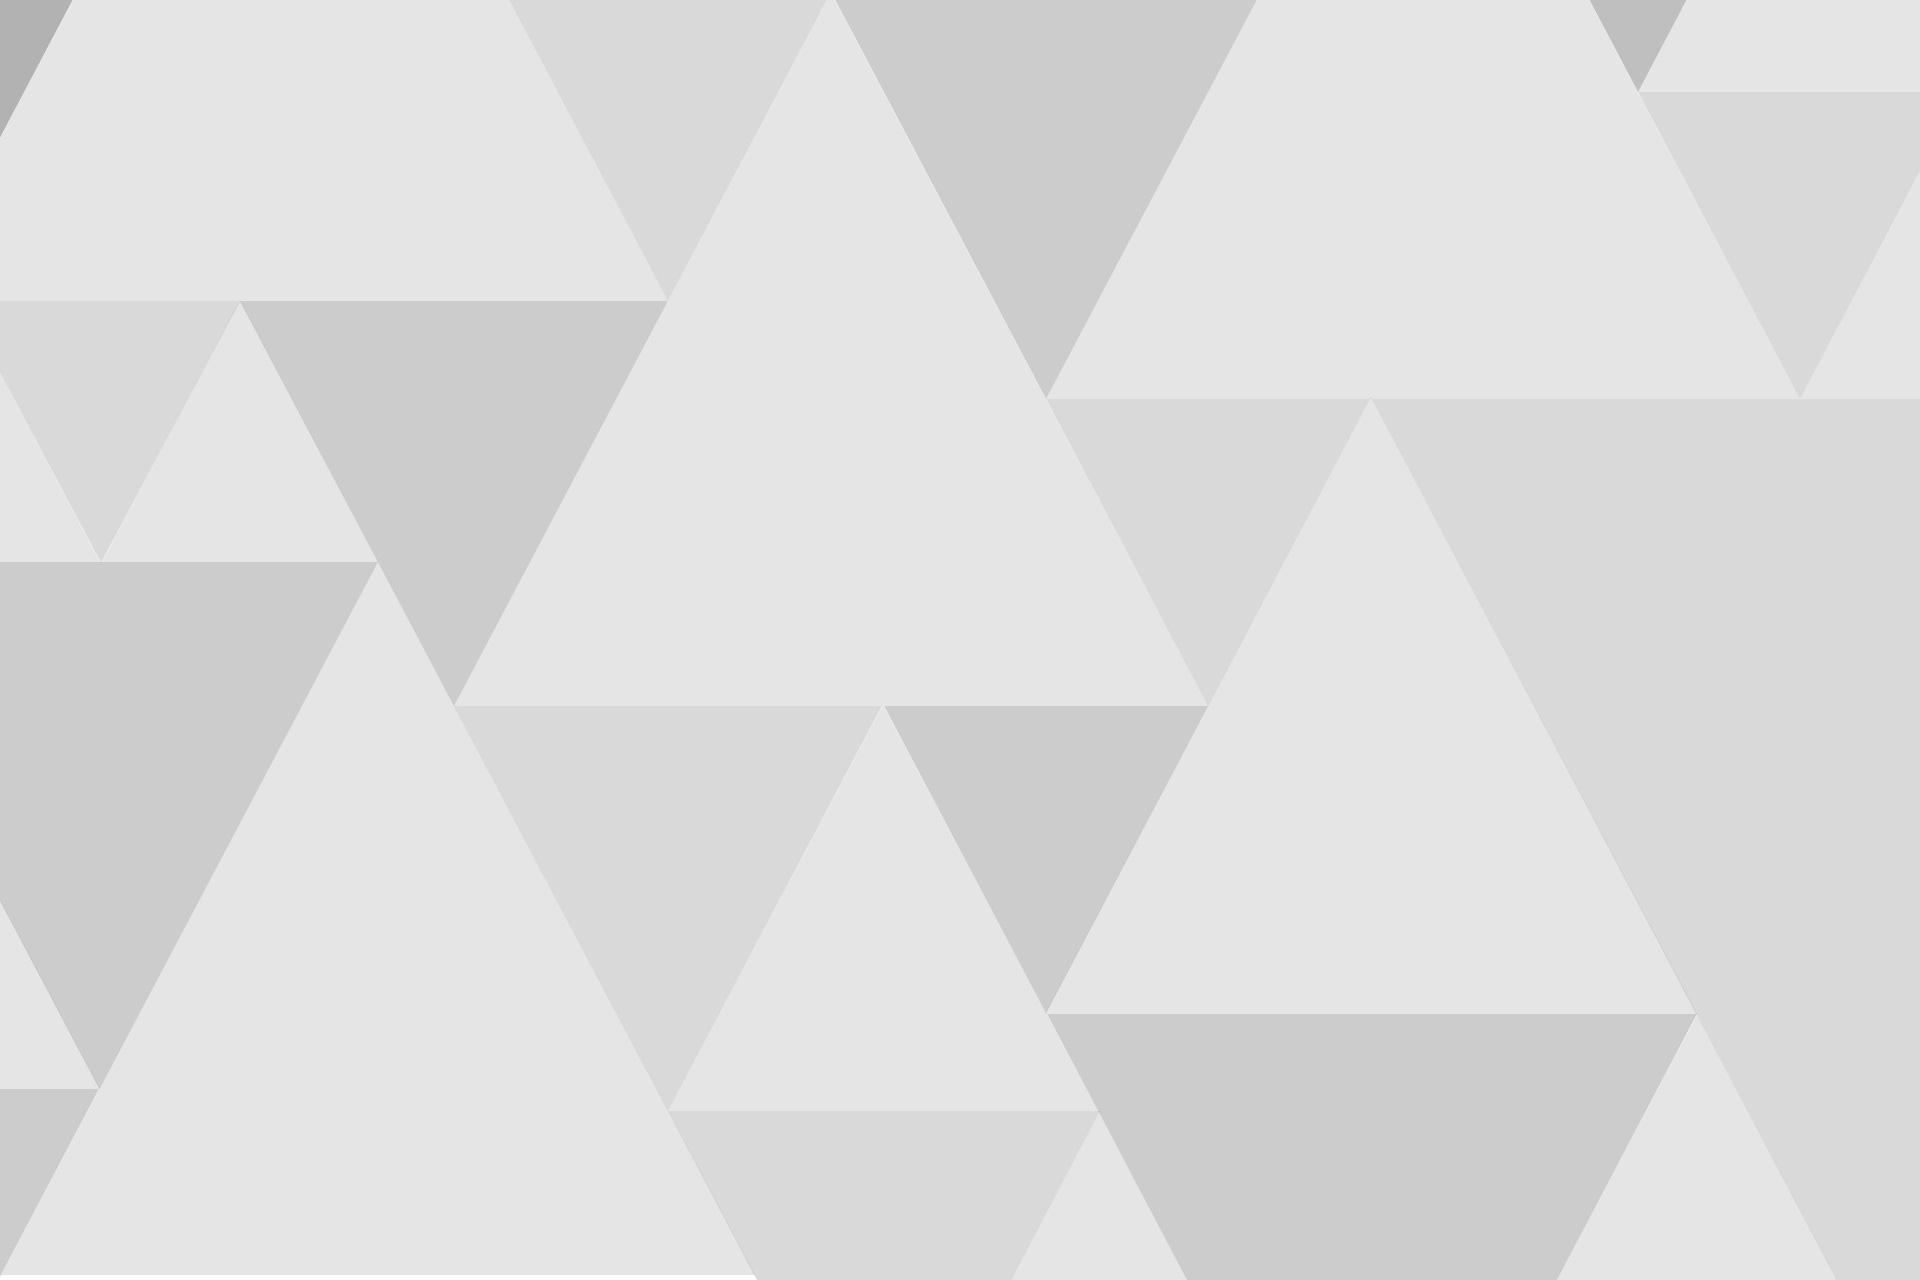 VODGASTEN 67 – LEVE DE KONING